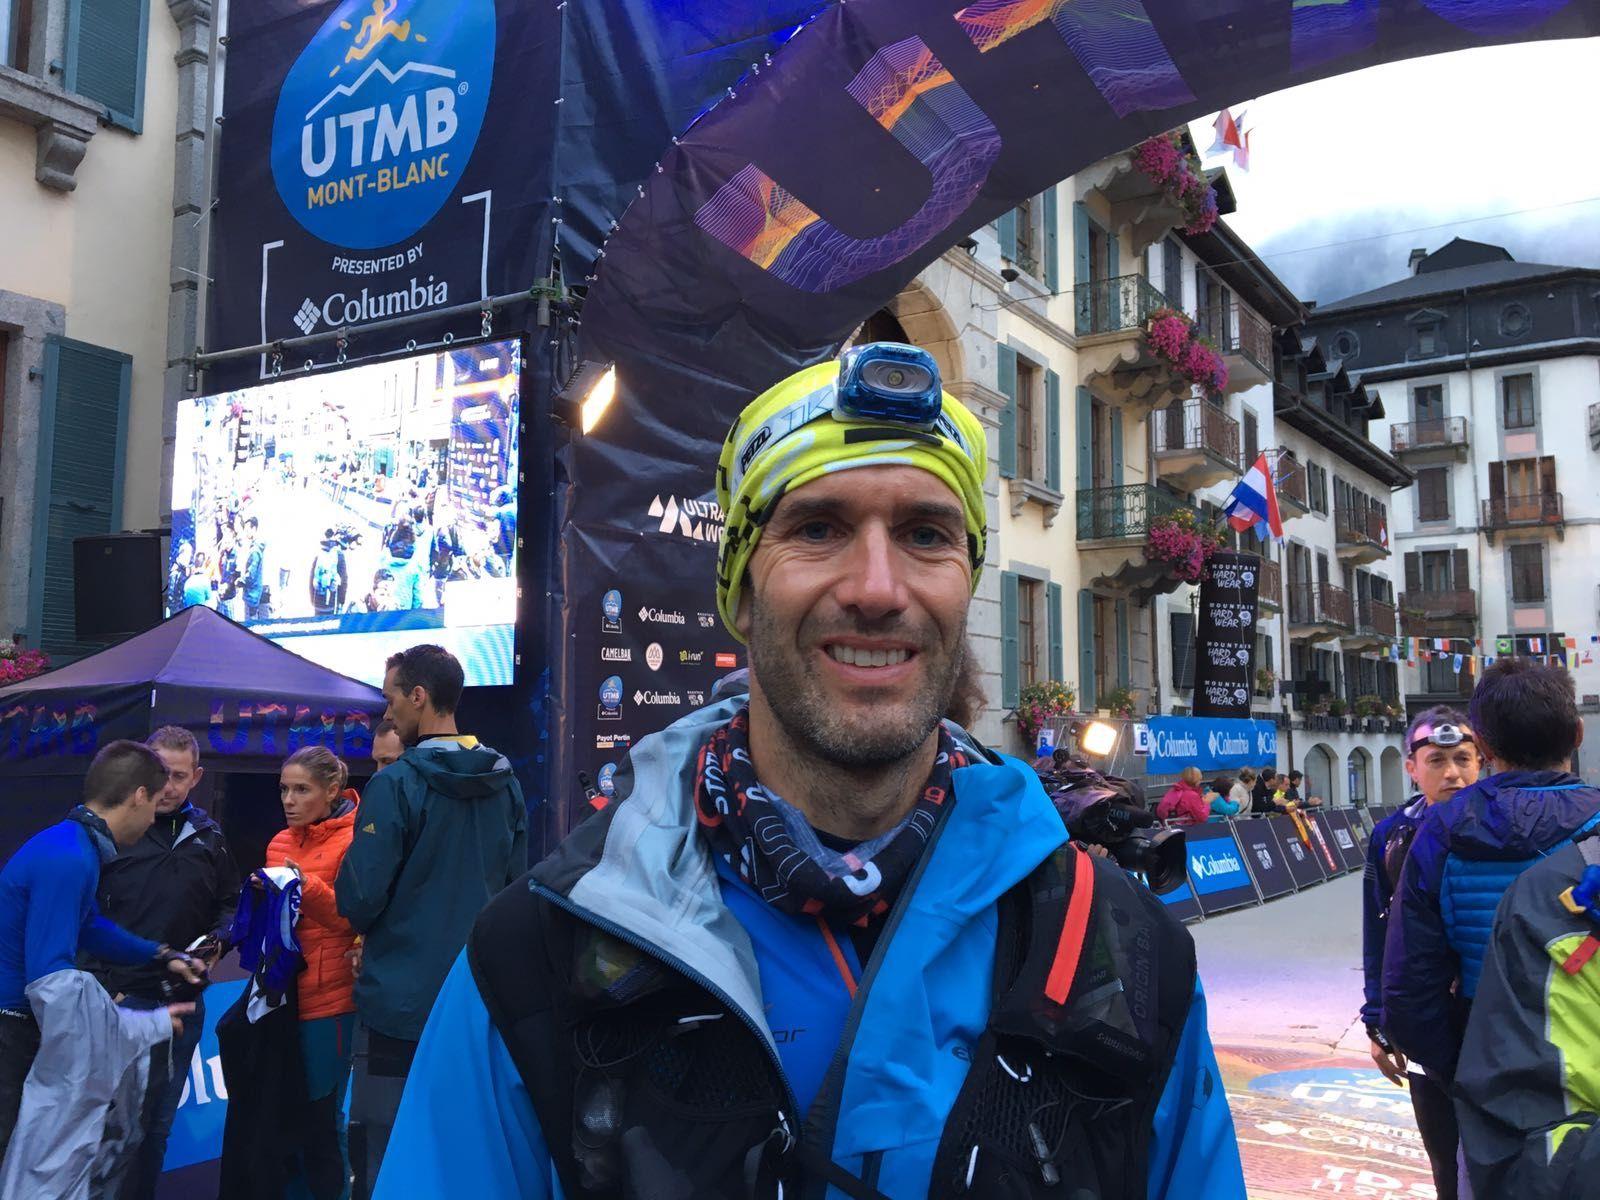 La Guida - Al traguardo dopo 36 ore di gara nell'Ultra trail du Mont Blanc